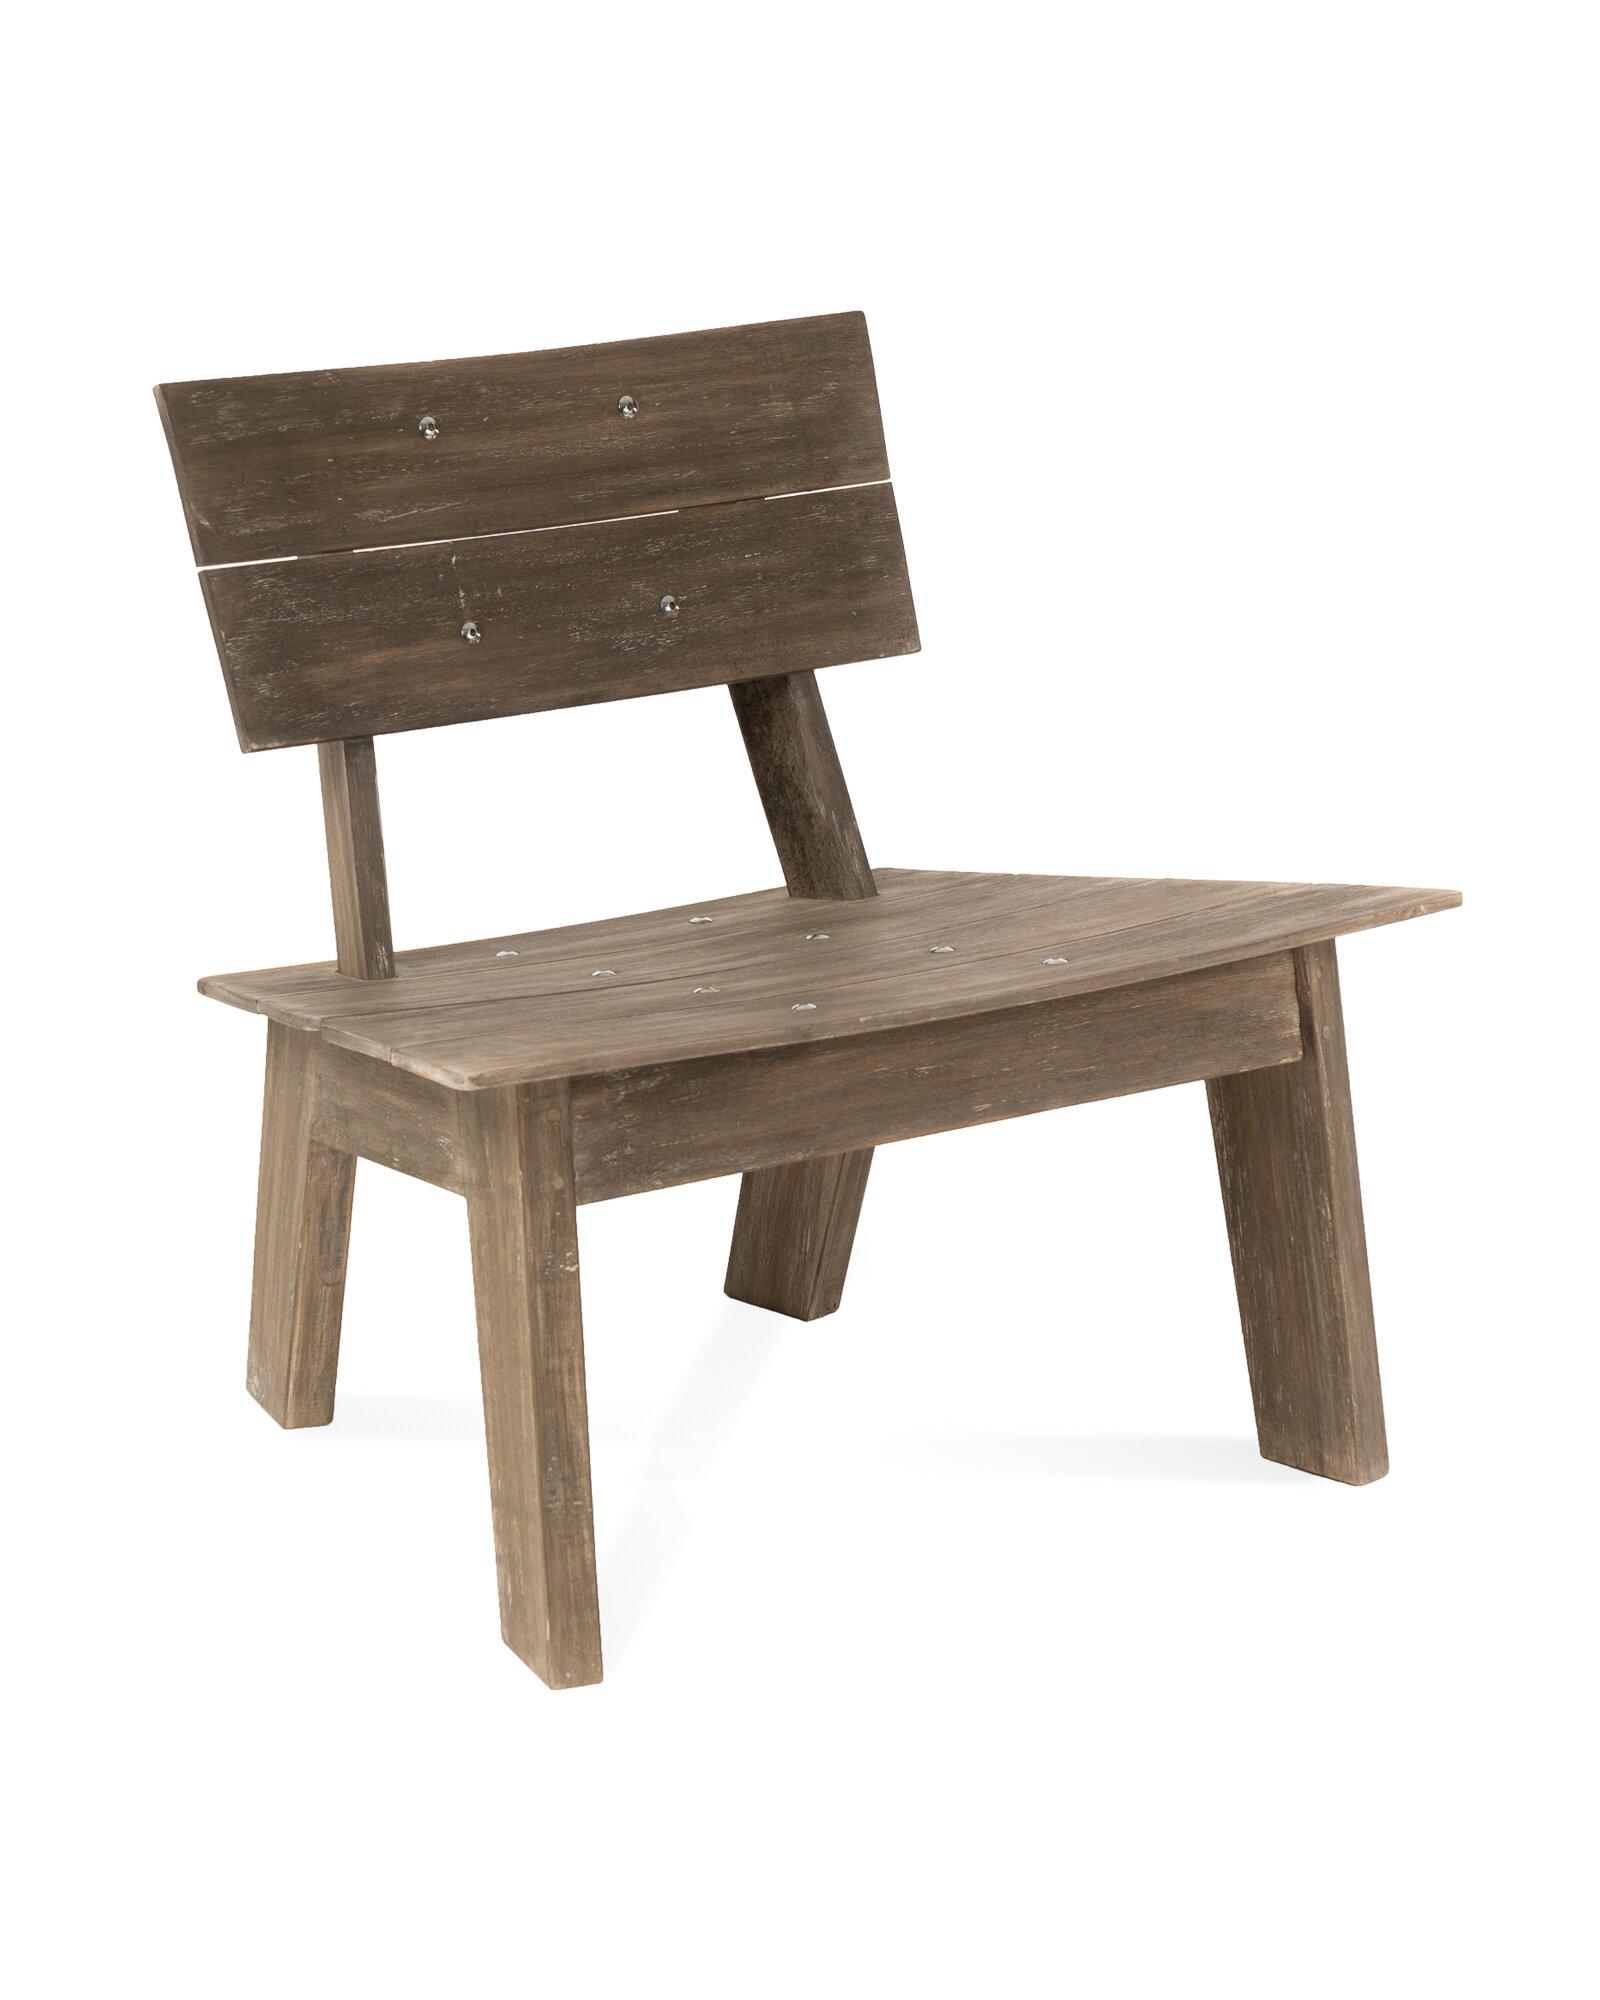 Herrera Wood Adirondack Chair Joss Main